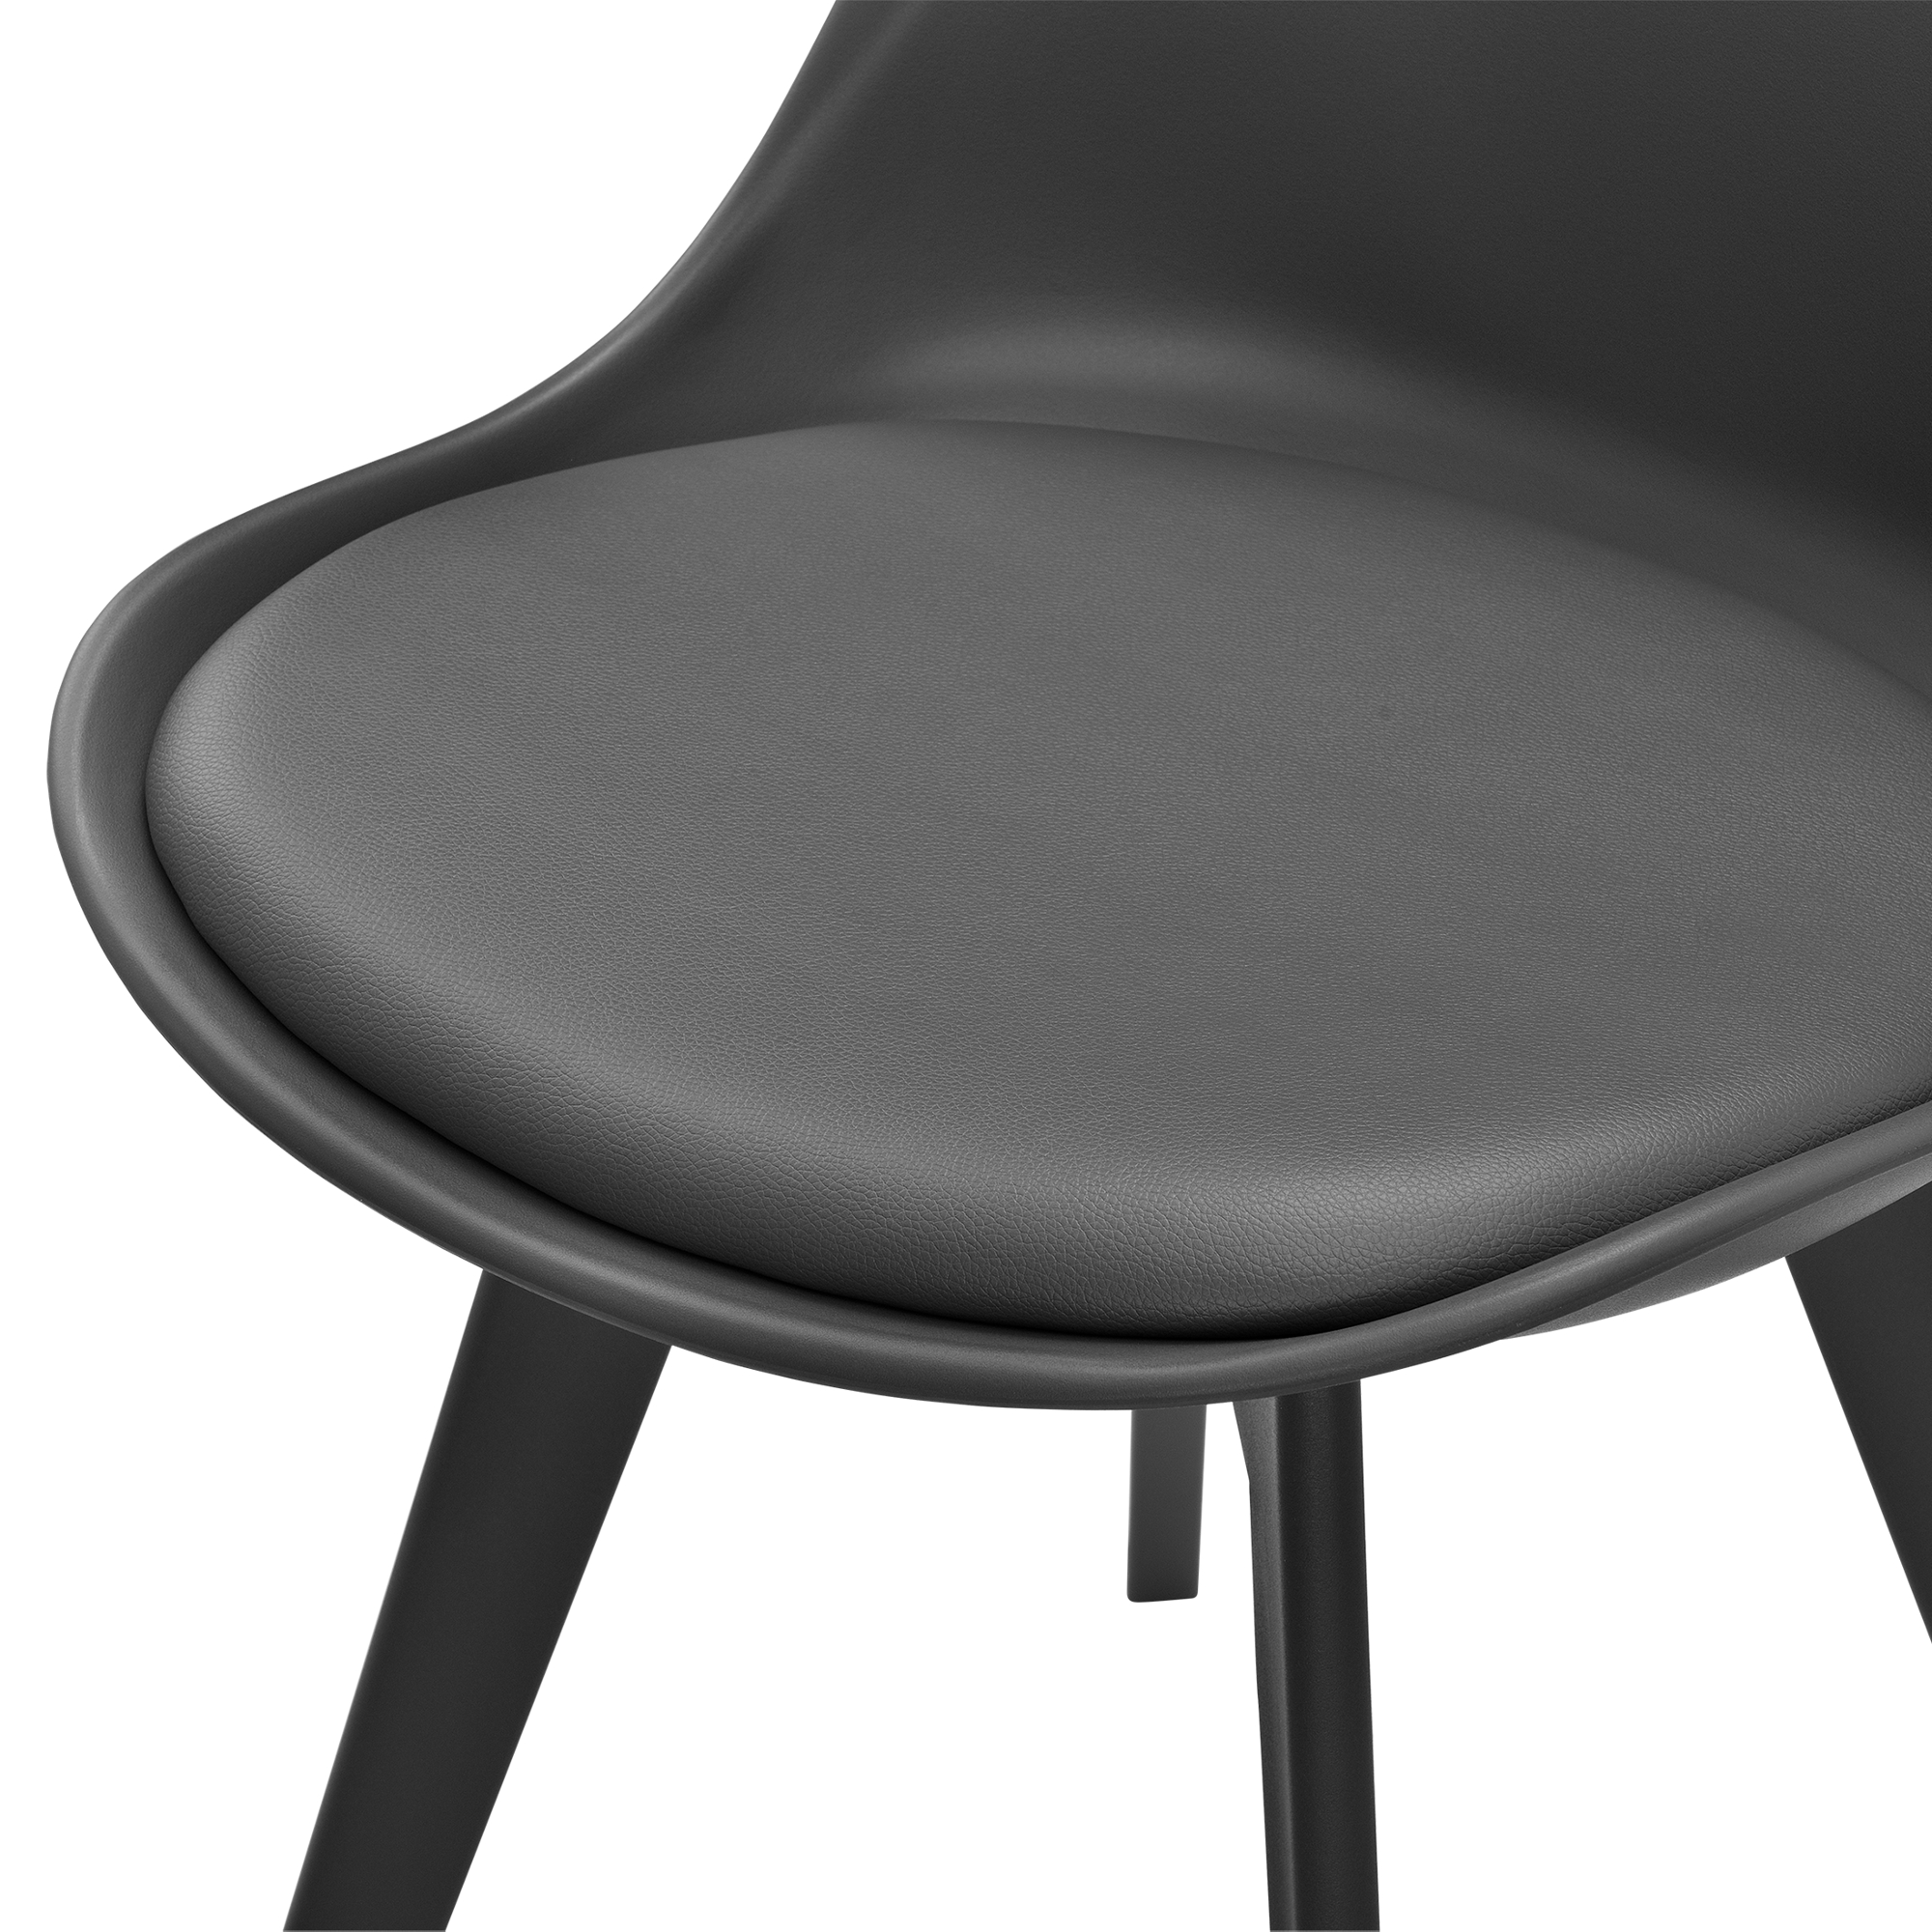 2x design st hle esszimmer grau stuhl kunststoff kunst leder stuhl set ebay. Black Bedroom Furniture Sets. Home Design Ideas